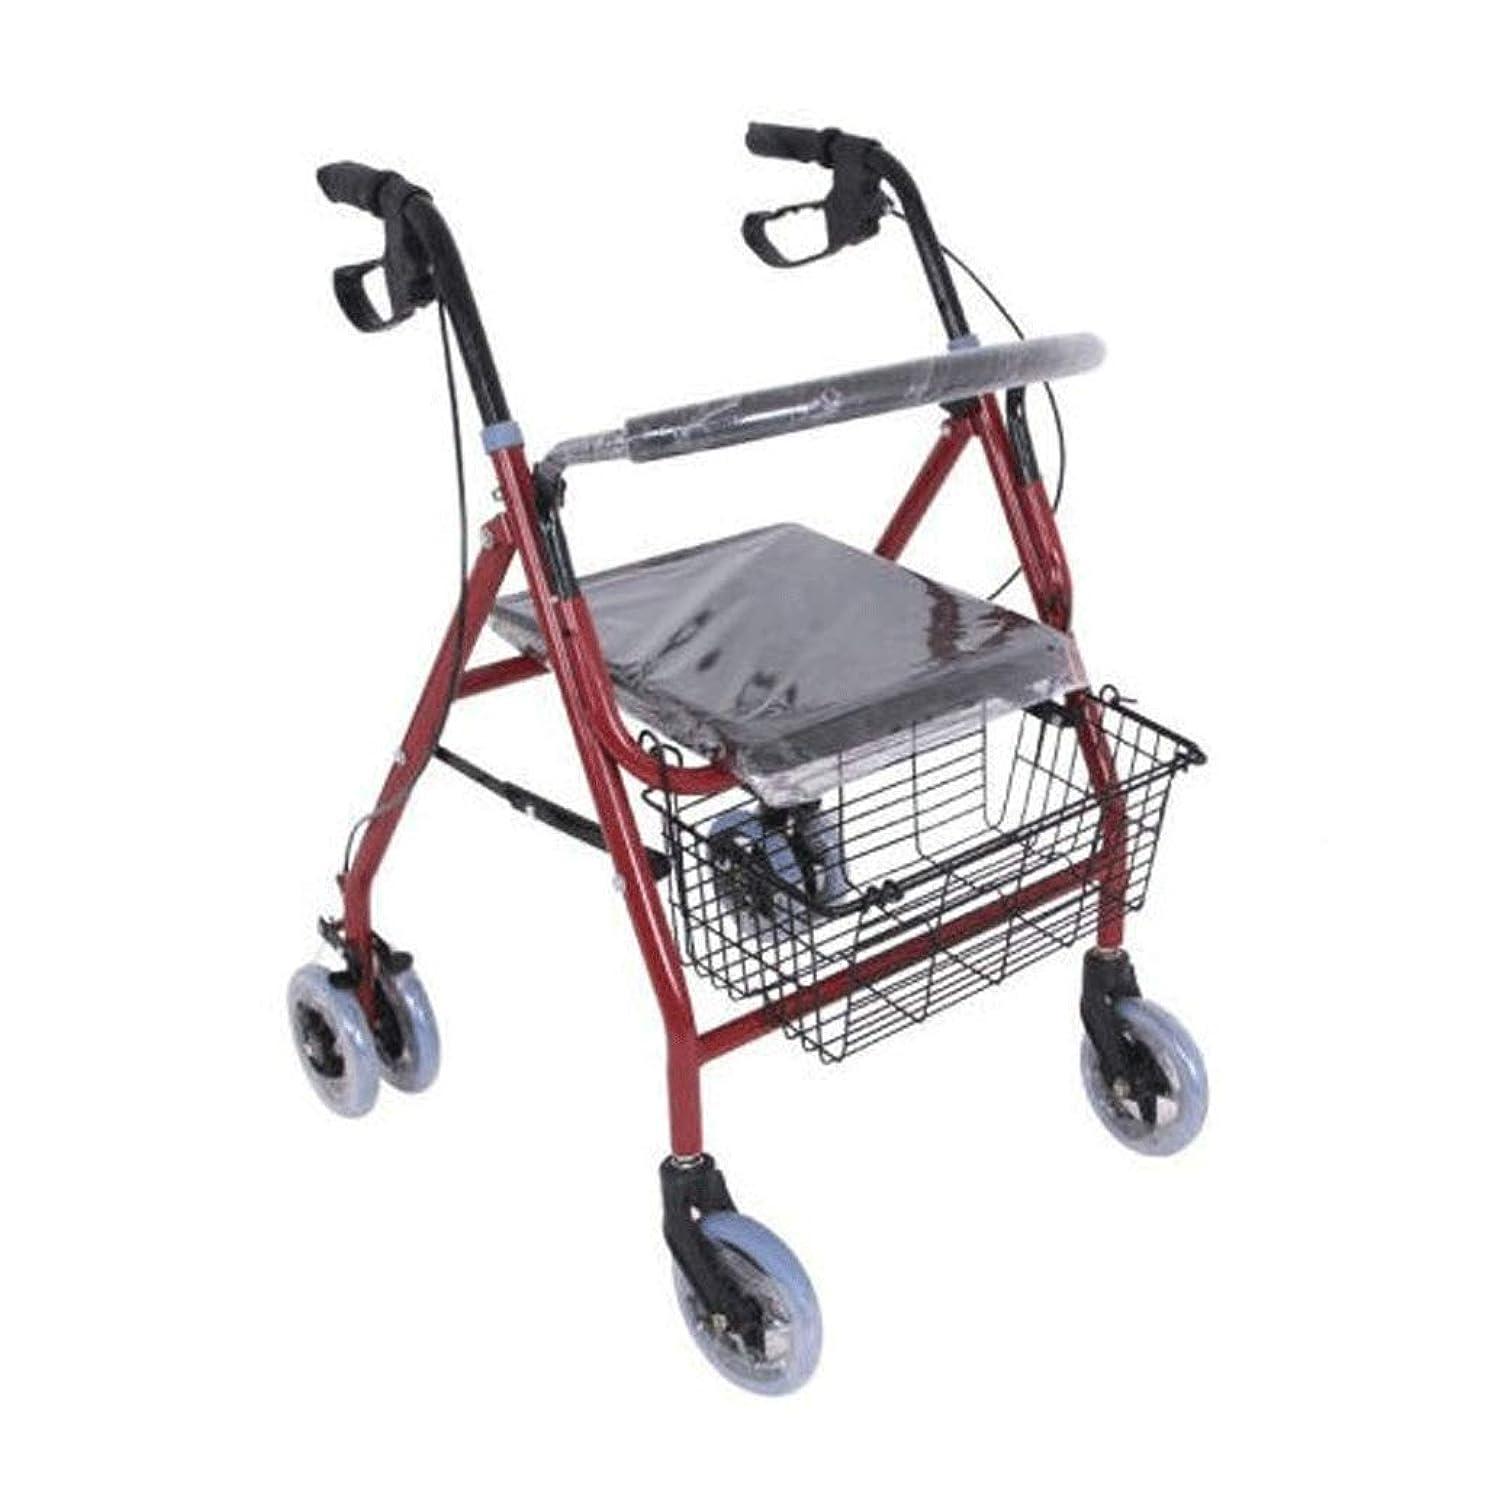 キャロライン驚いたことにメアリアンジョーンズ高齢者手押しショッピングカート、アルミウォーカー、滑り止めウォーカー4本足杖屋外バスルーム使用不可